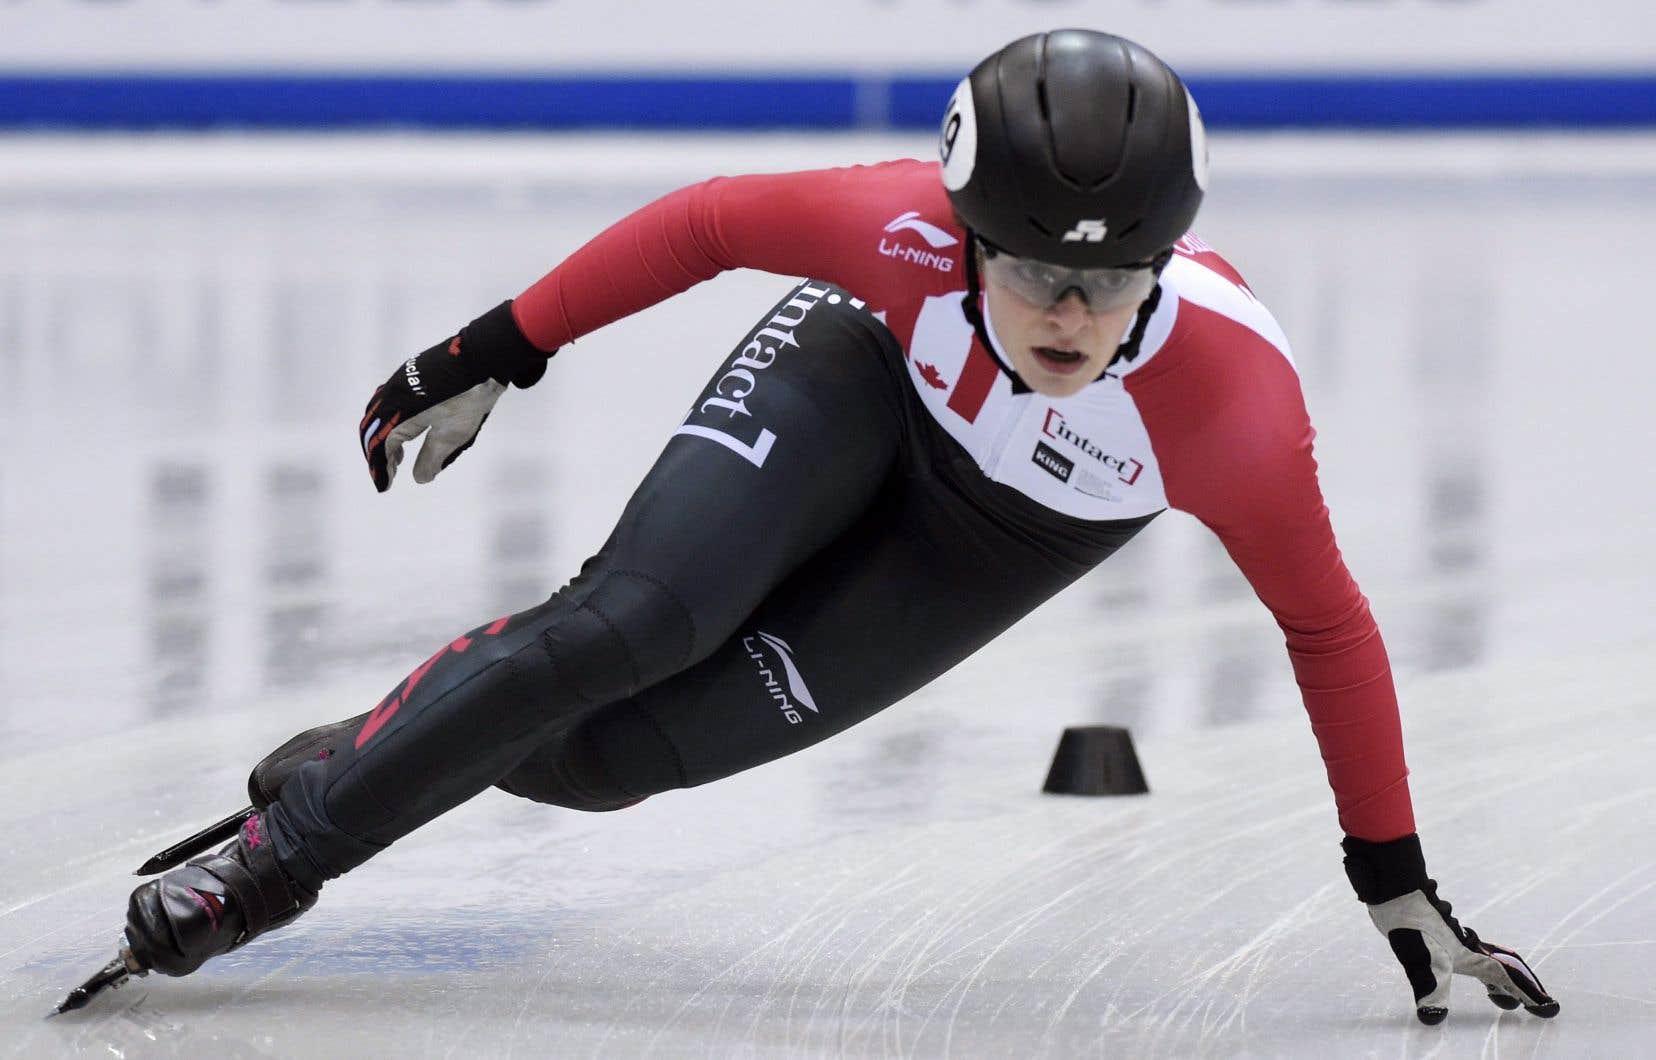 Kim Boutina remporté le 1000m devant Marianne St-Gelais lors de la Coupe du monde.